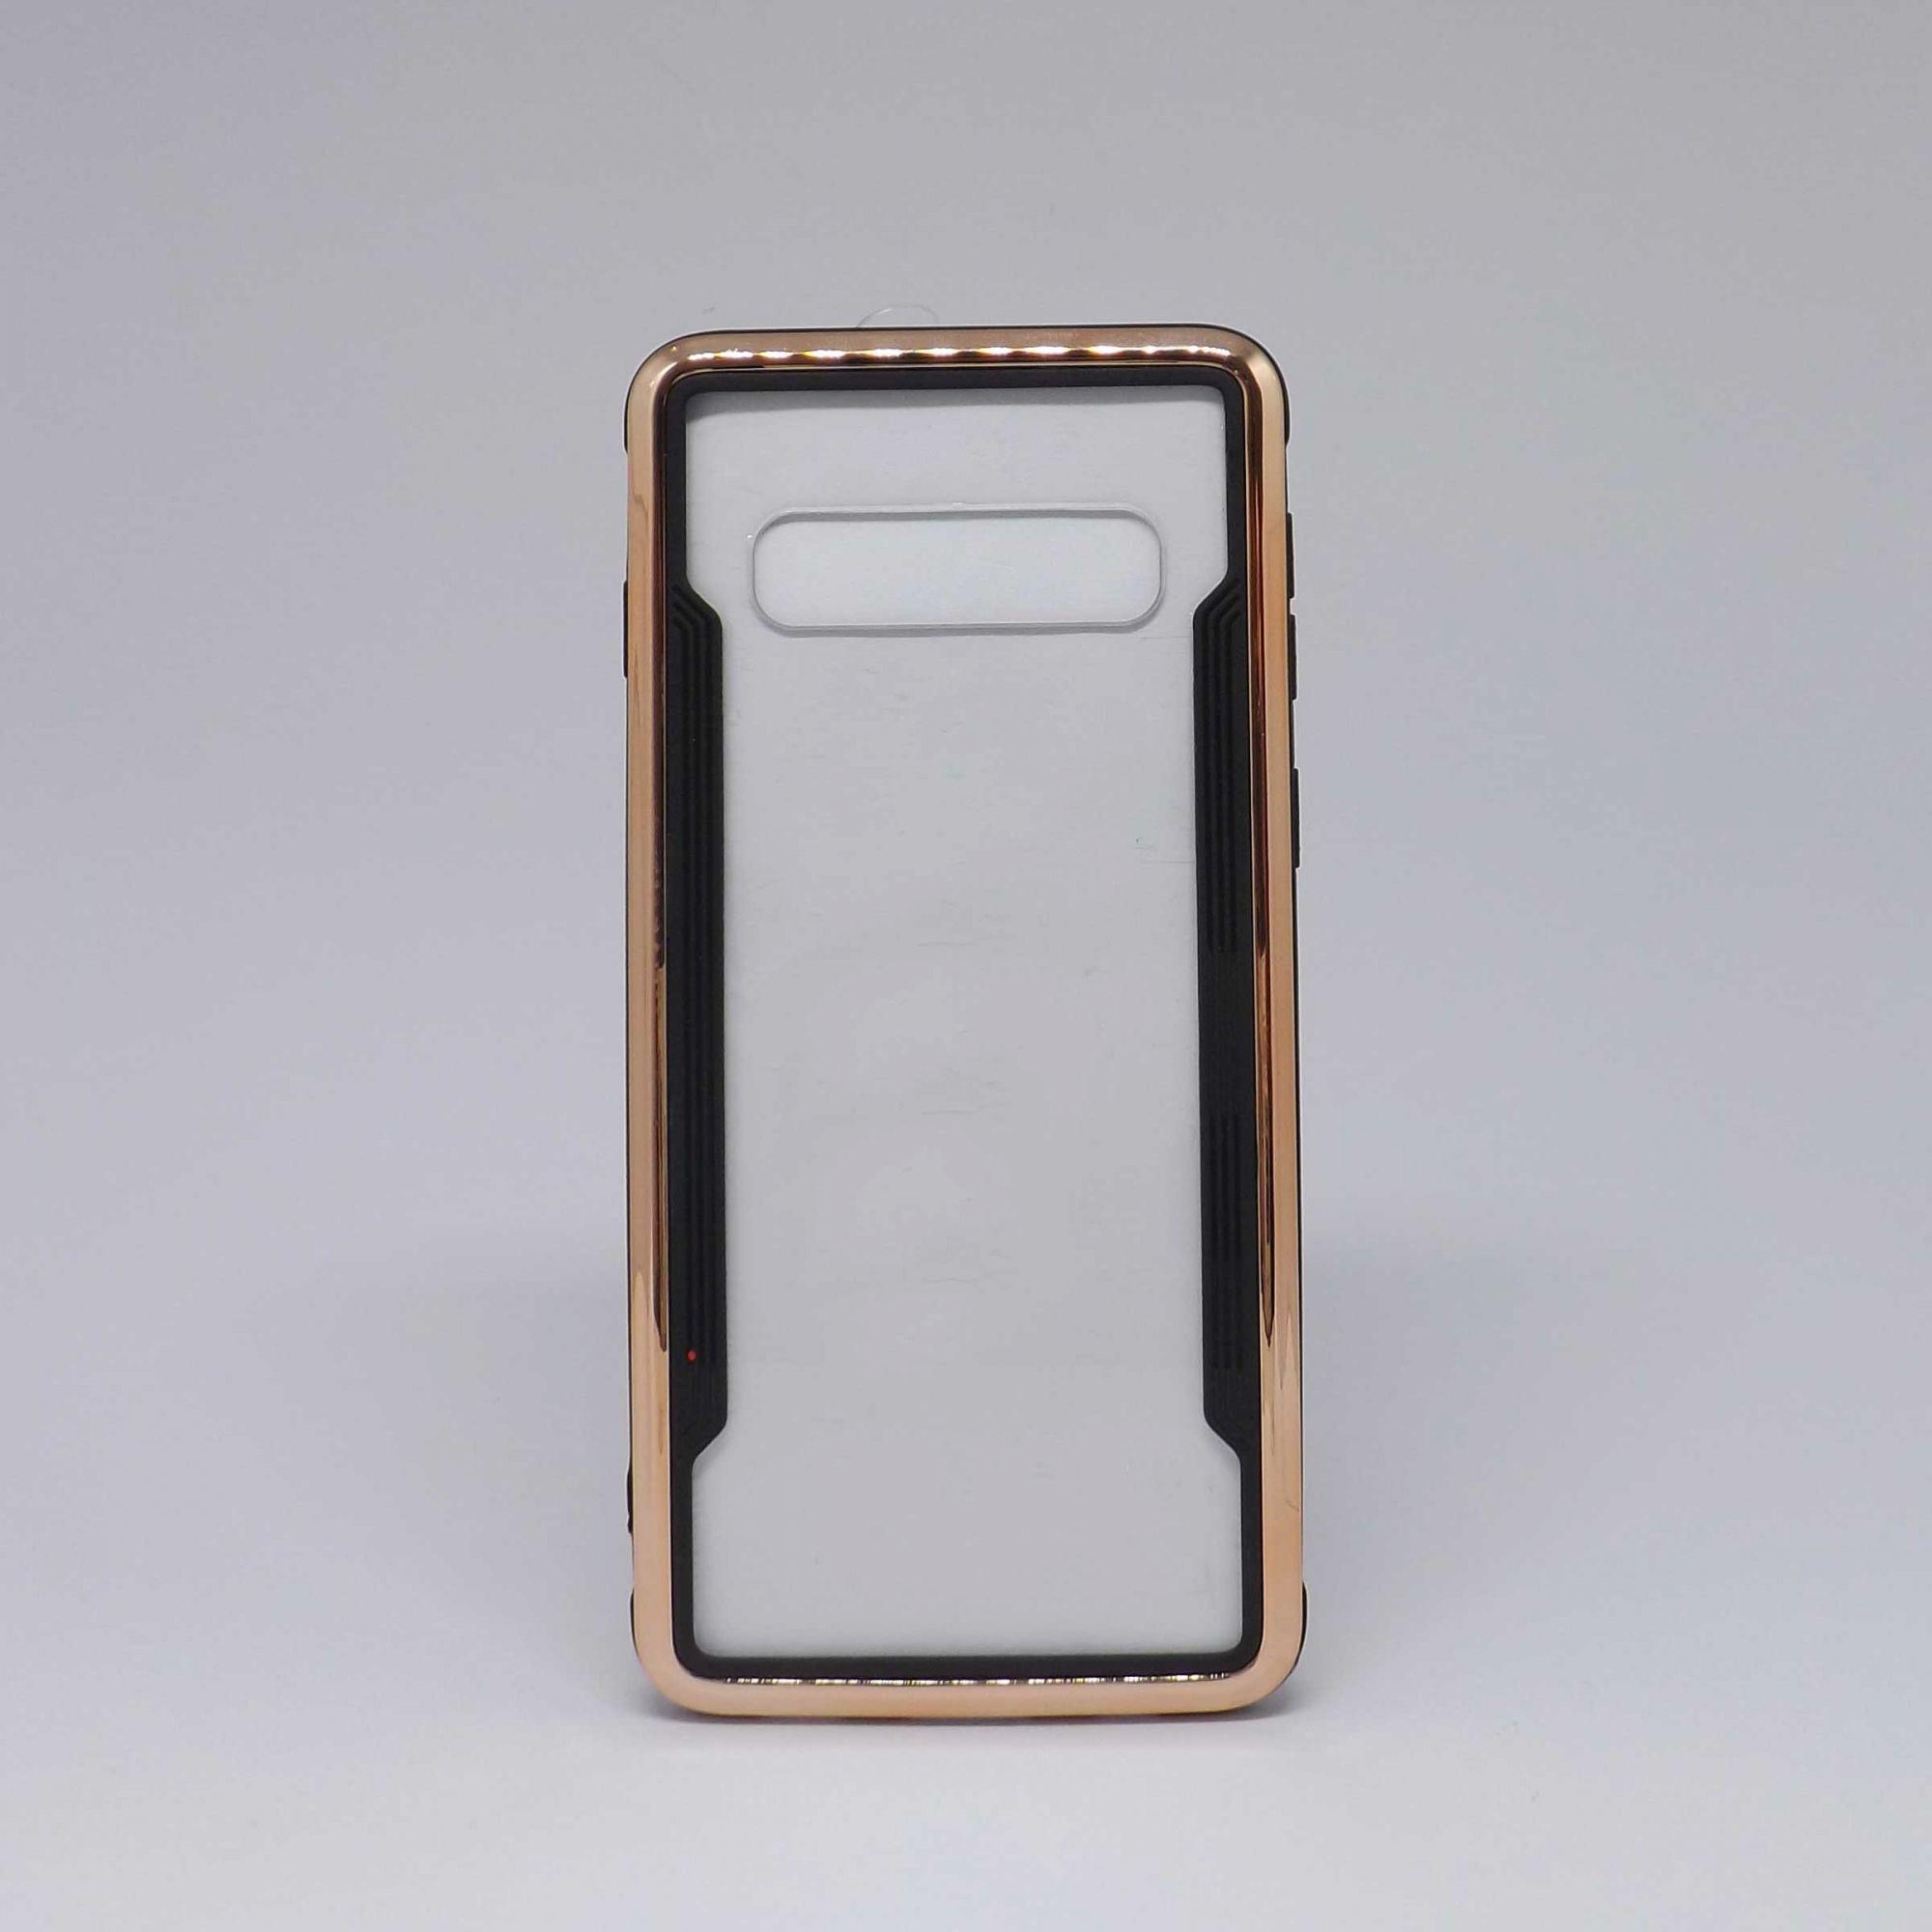 Capa Samsung Galaxy S10 Transparente com Borda Metalizada